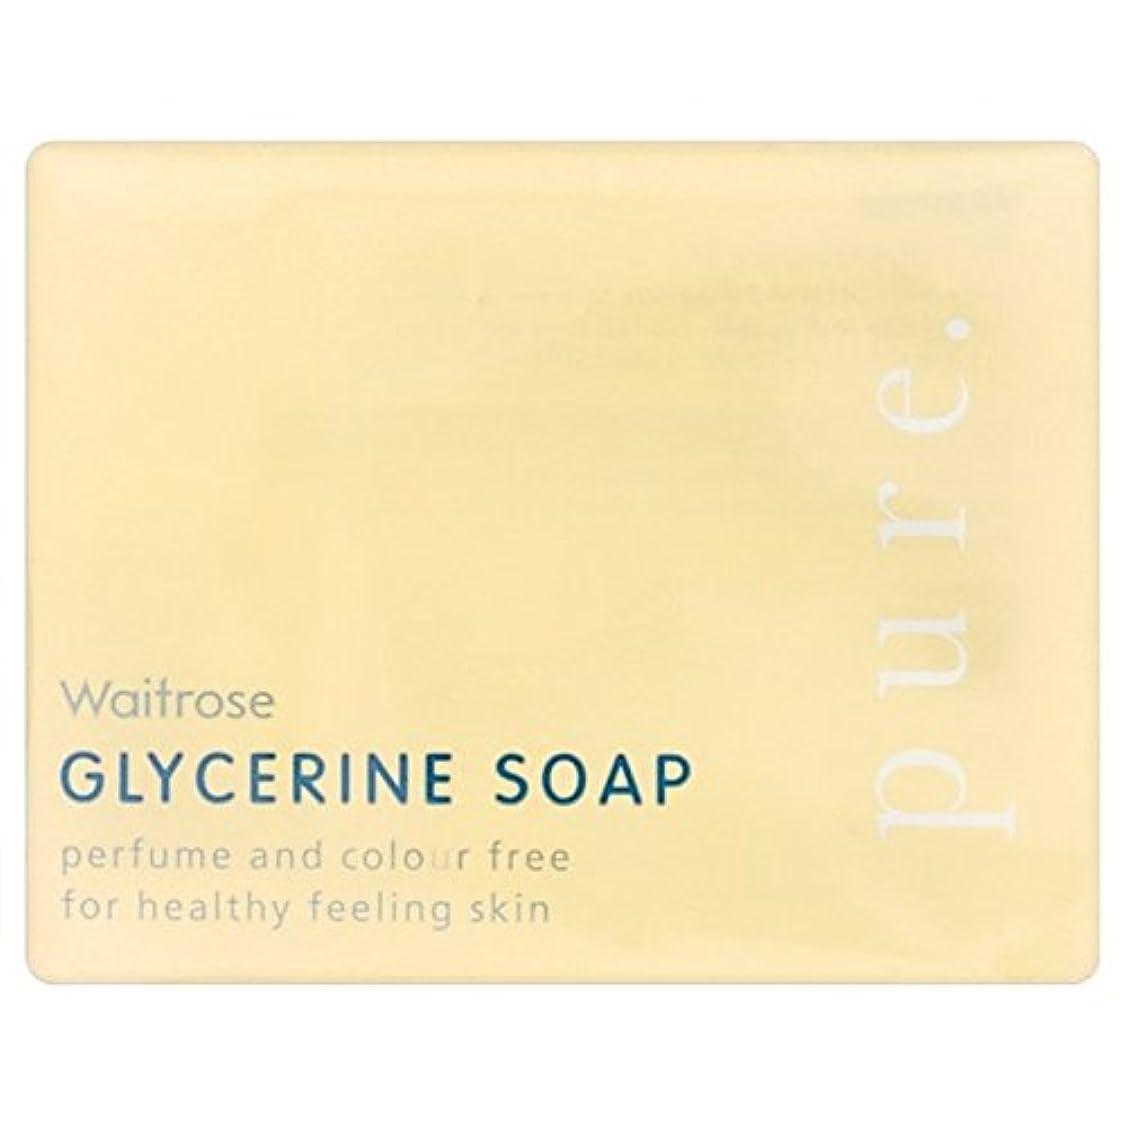 安らぎ駐地トラフ純粋なグリセリンソープウェイトローズの100グラム x4 - Pure Glycerine Soap Waitrose 100g (Pack of 4) [並行輸入品]